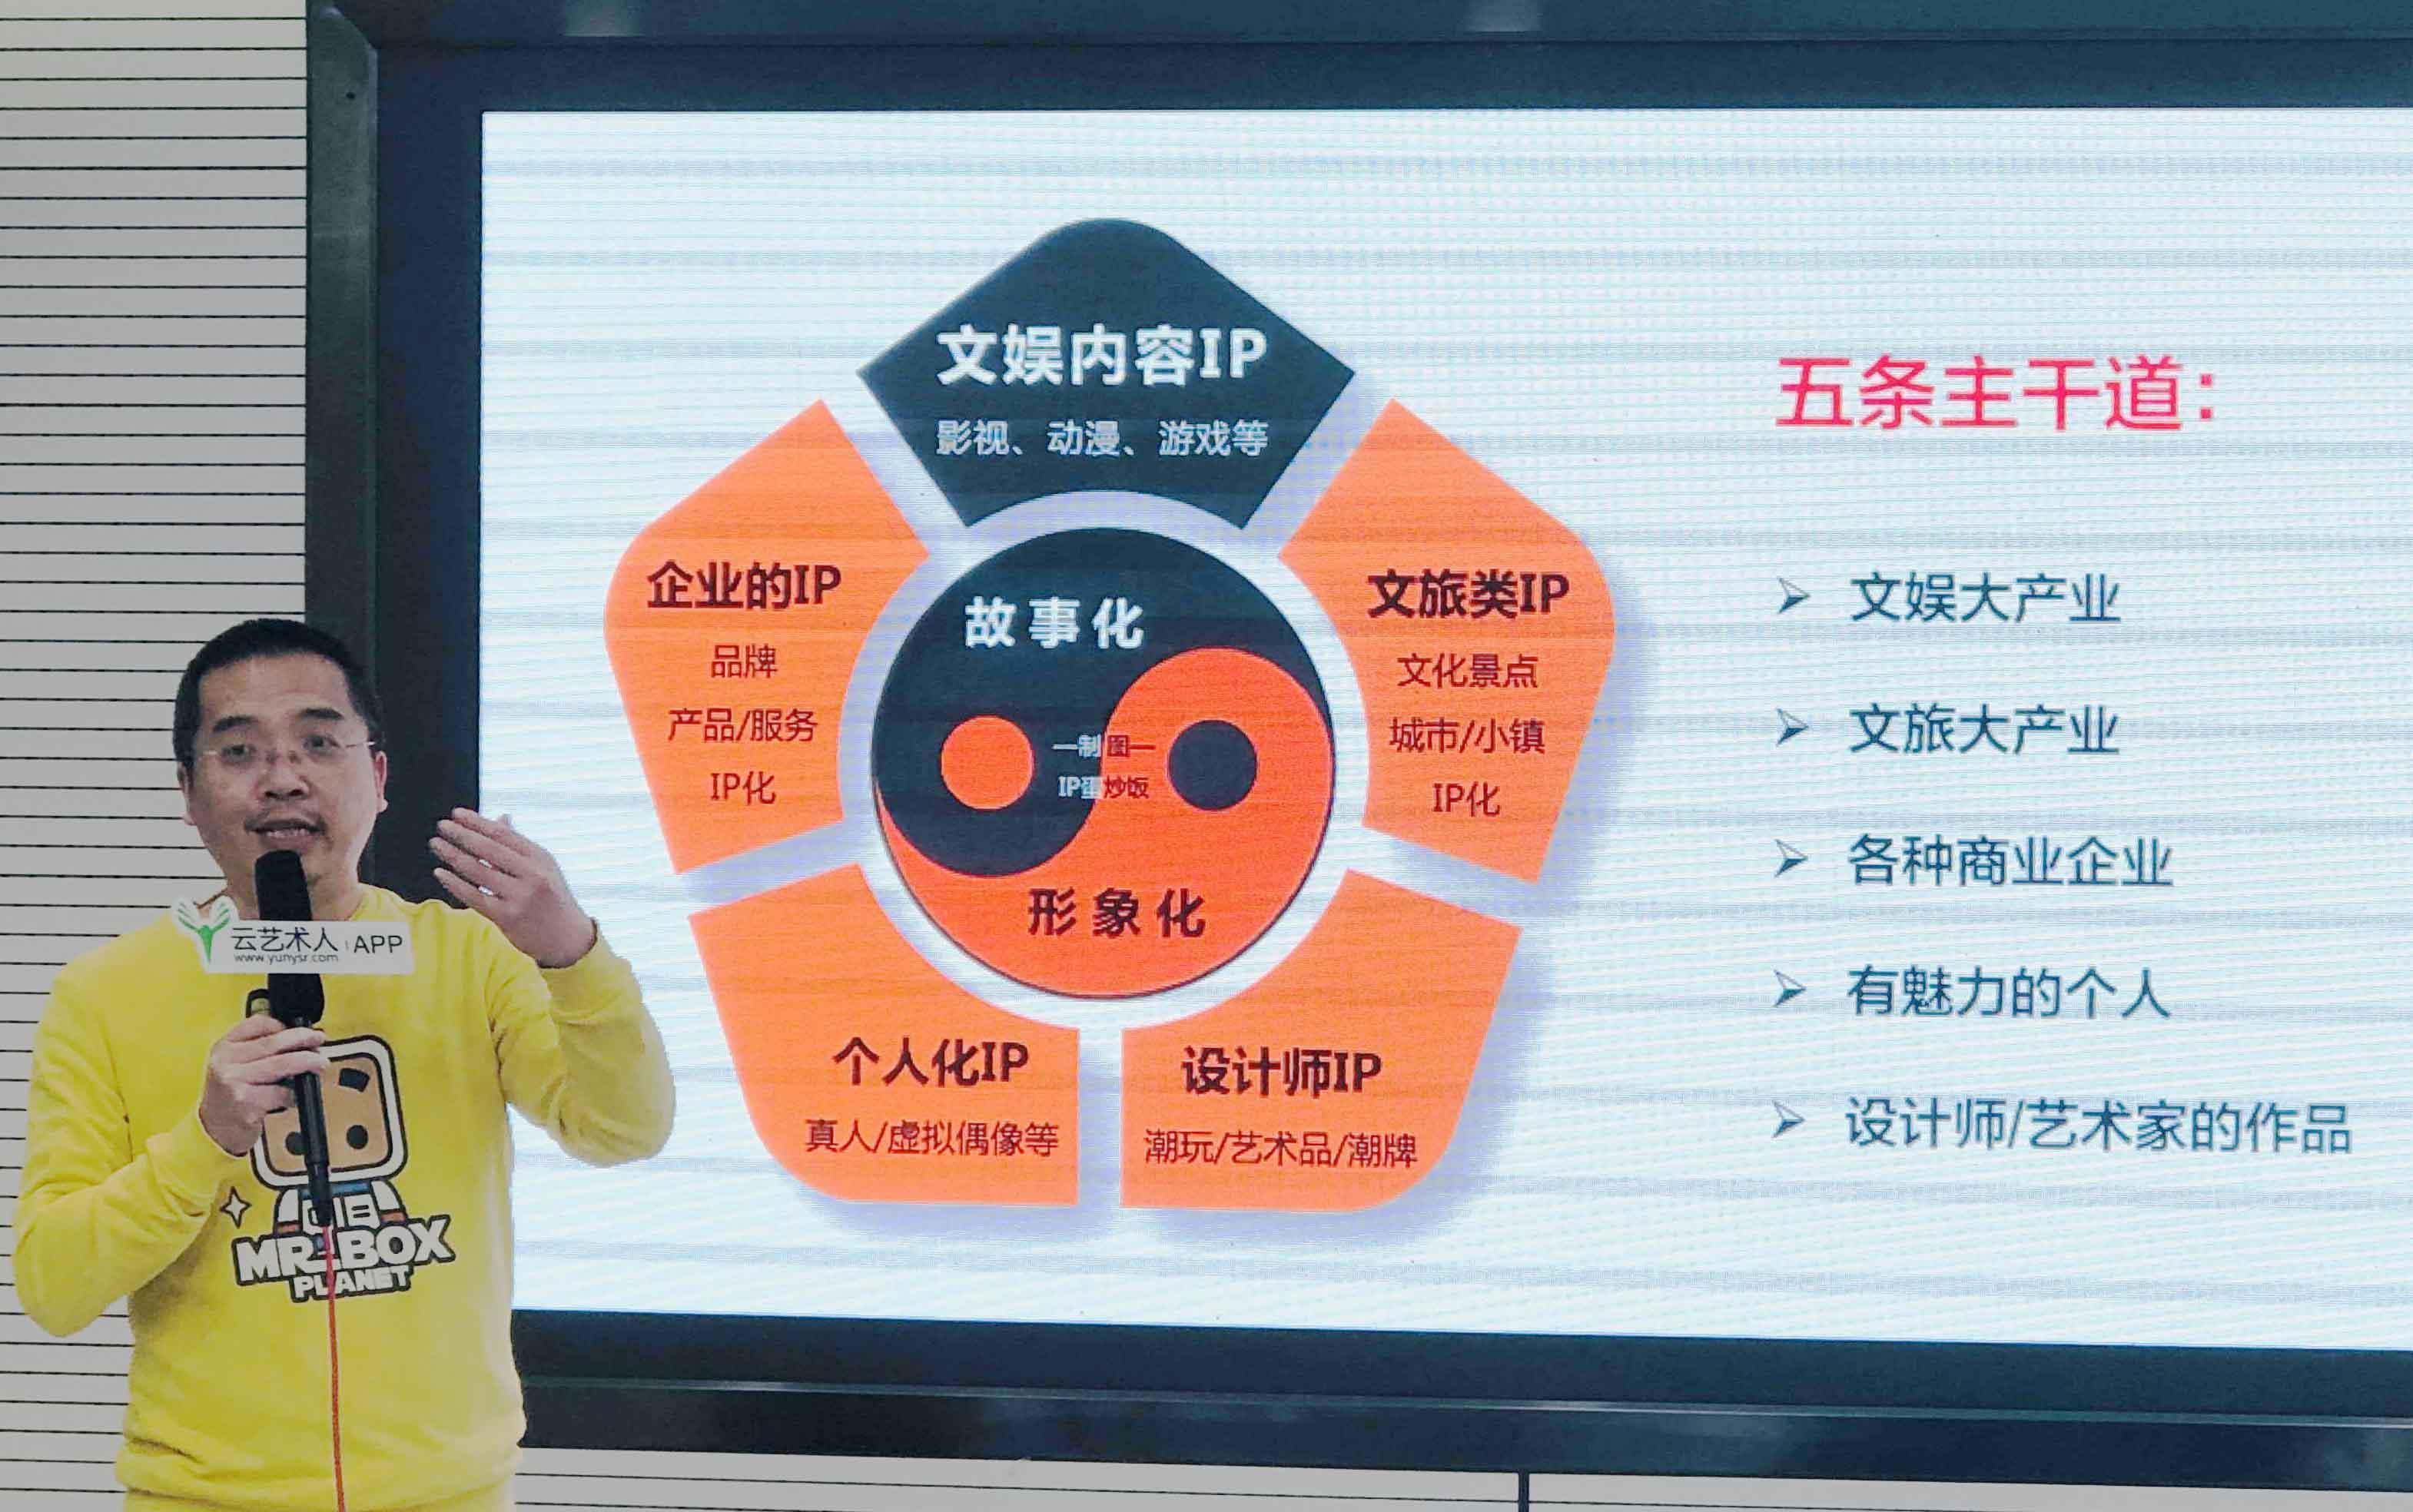 (线下课程报名)陈格雷深度讲解IP孵化,提前送上33页干货满满的方法图谱,以及近20分钟的视频教程第一小节《IP赛道篇》11月23号北京线下开课